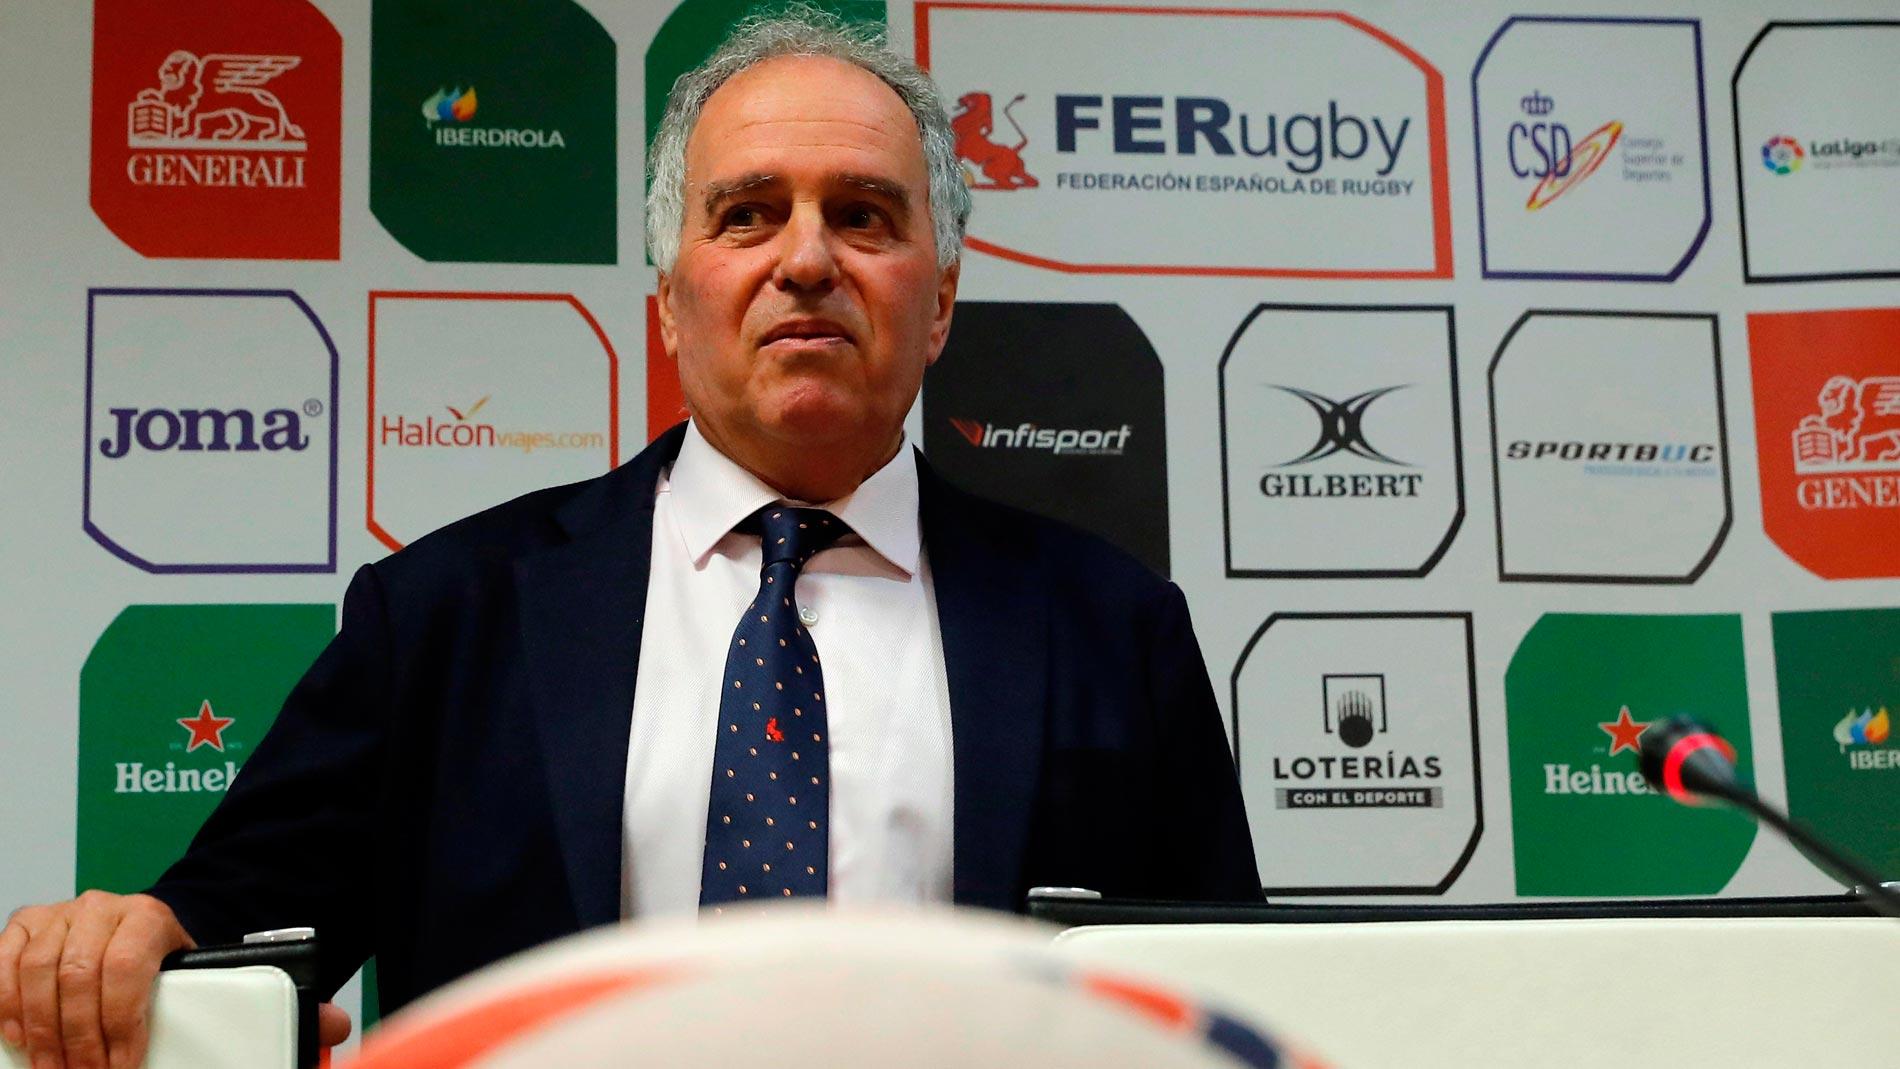 El presidente de la Federación de rugby anuncia la apelación de España por su exclusión del Mundial